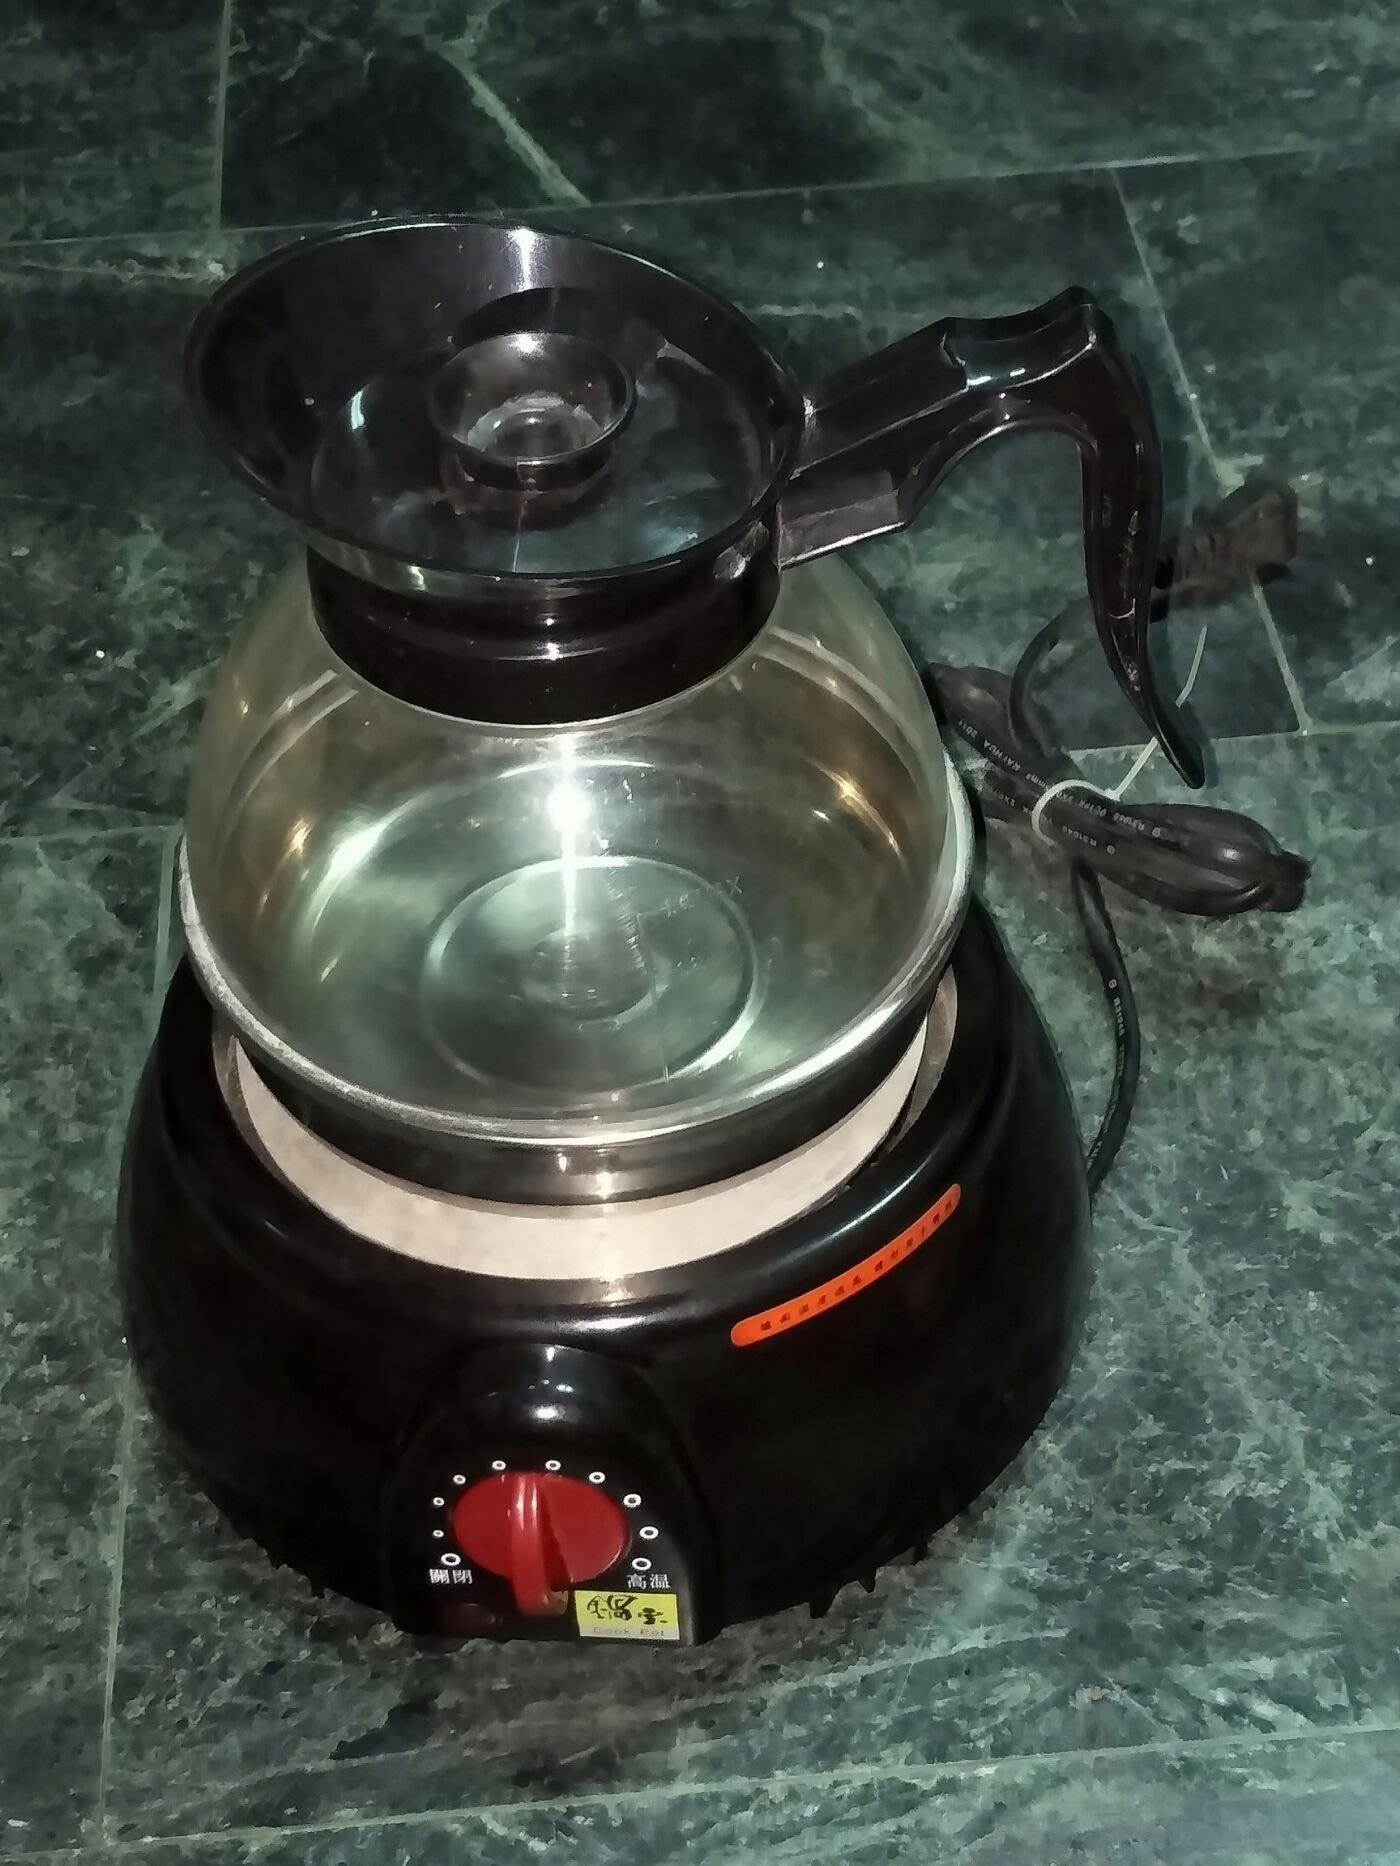 鍋寶電爐 (多功能料理爐) 電子爐....可溫控煮茶水&火鍋